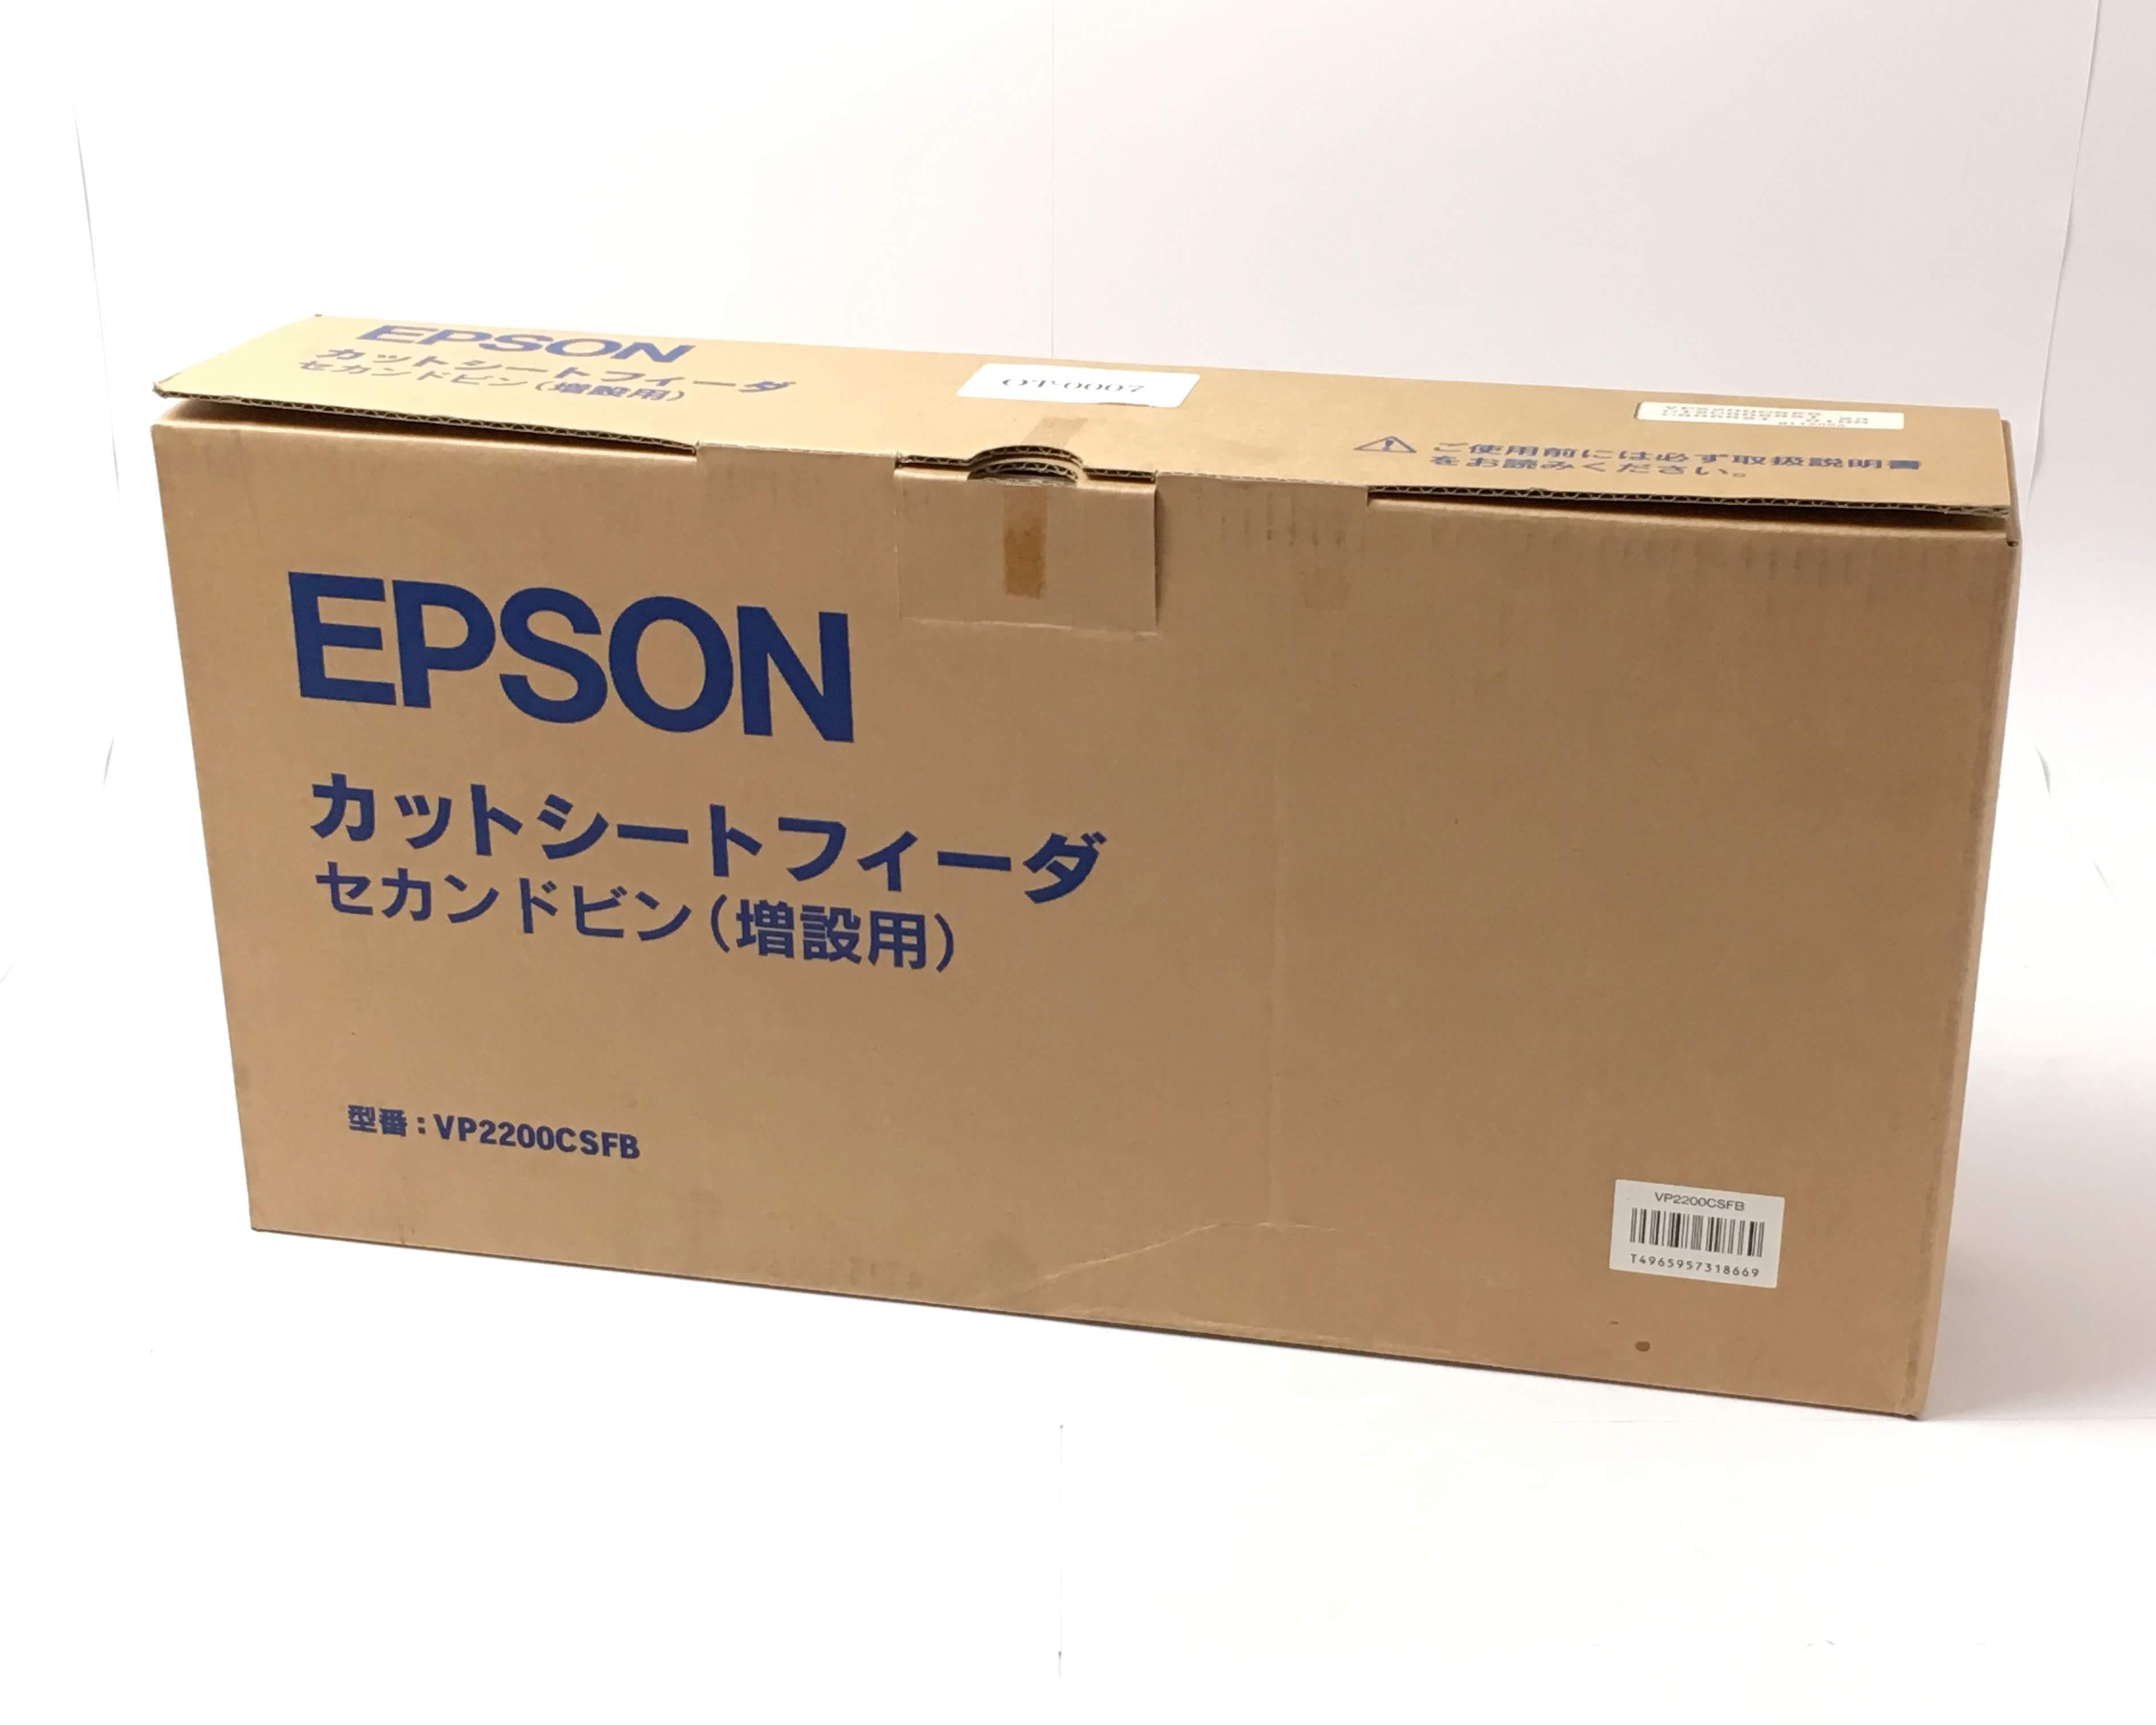 【中古】EPSON カットシートフィーダ VP2200CSFB メイン画像